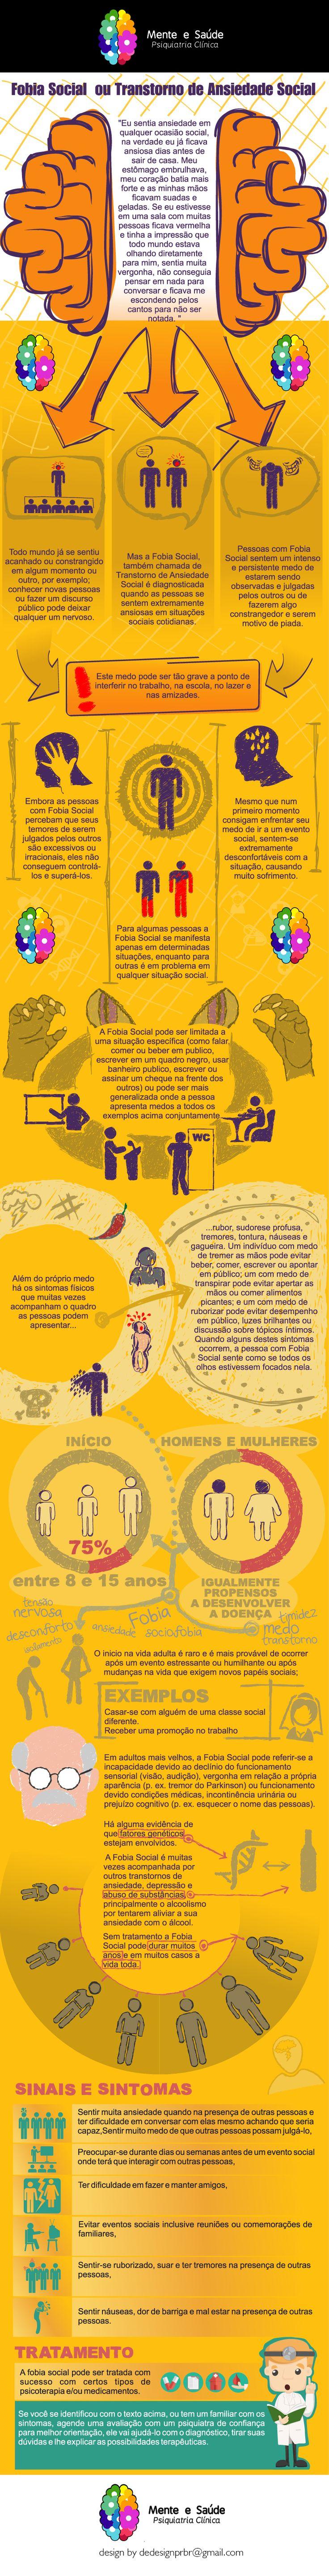 Design, Infografico, psquiatria, dicas, sintomas Fobia Social, Social Phobia, infographic, psychiatry, sintoms.